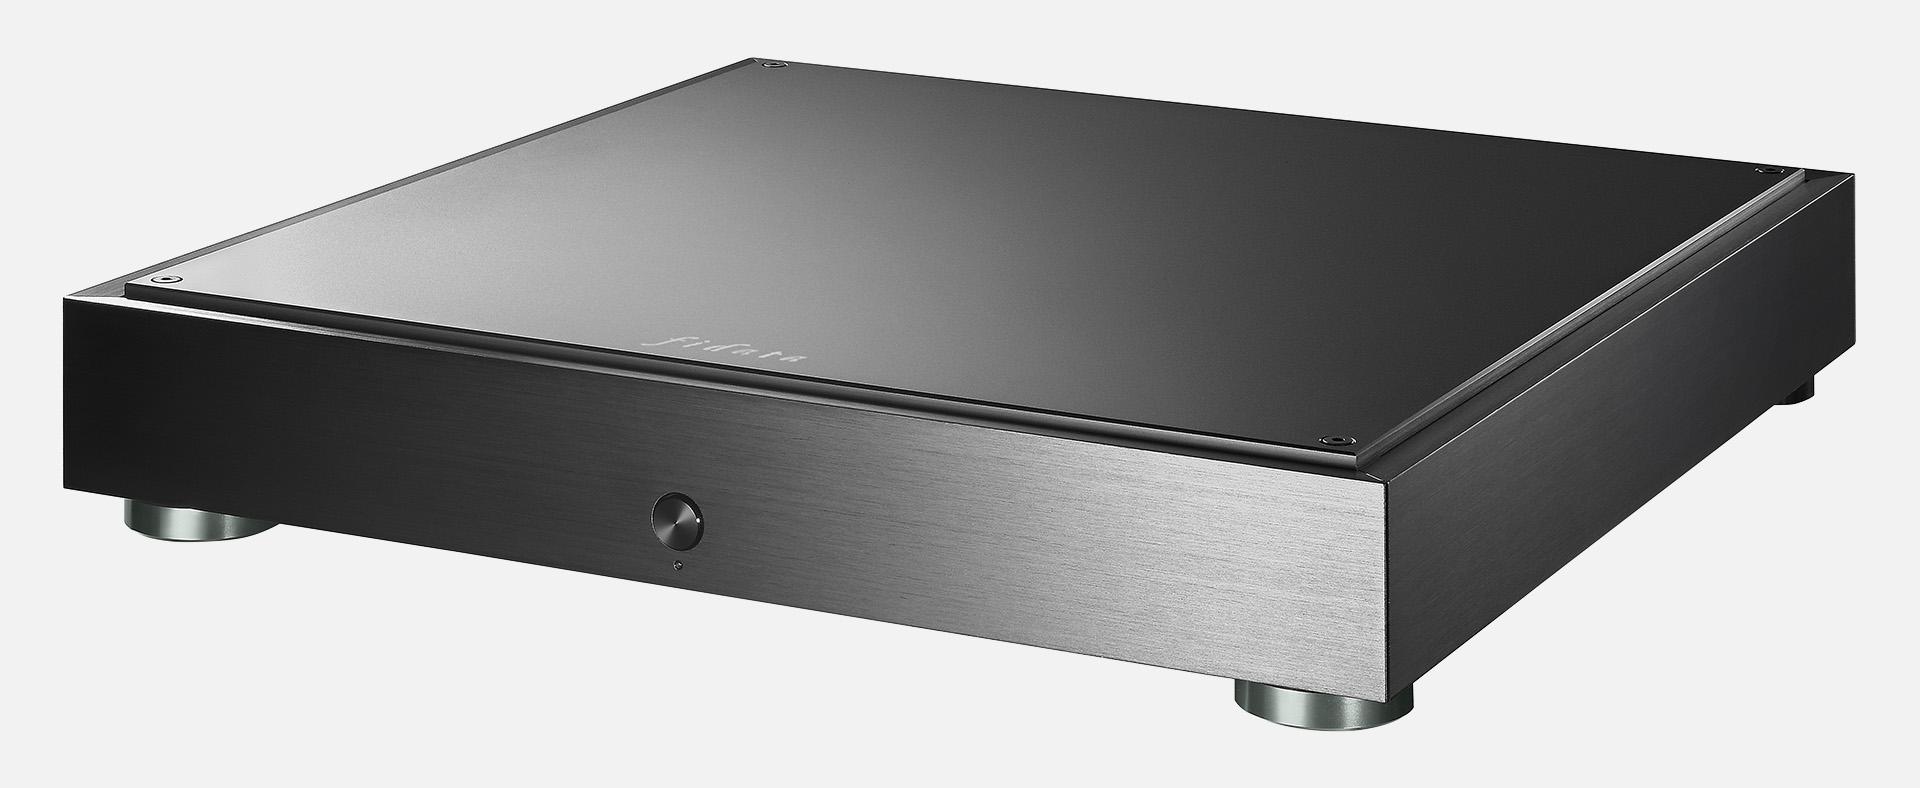 Музыкальный сервер класса High End Fidata HFAS1-XS20U: продажи в России начались